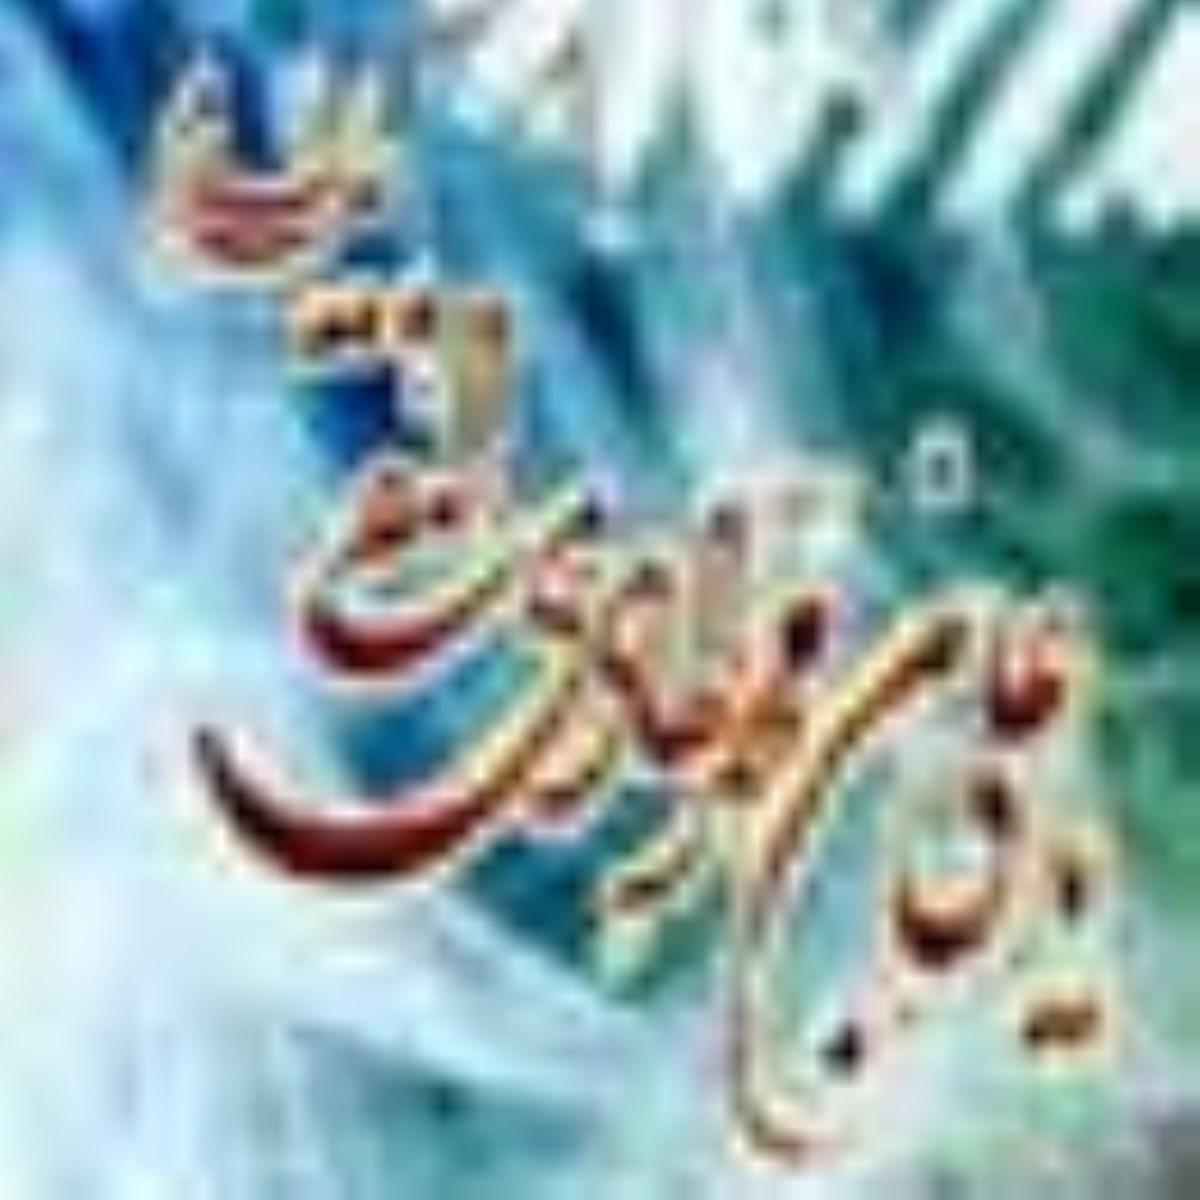 جلوه هايى از شخصيت امام هادی(علیه السلام ) (1)